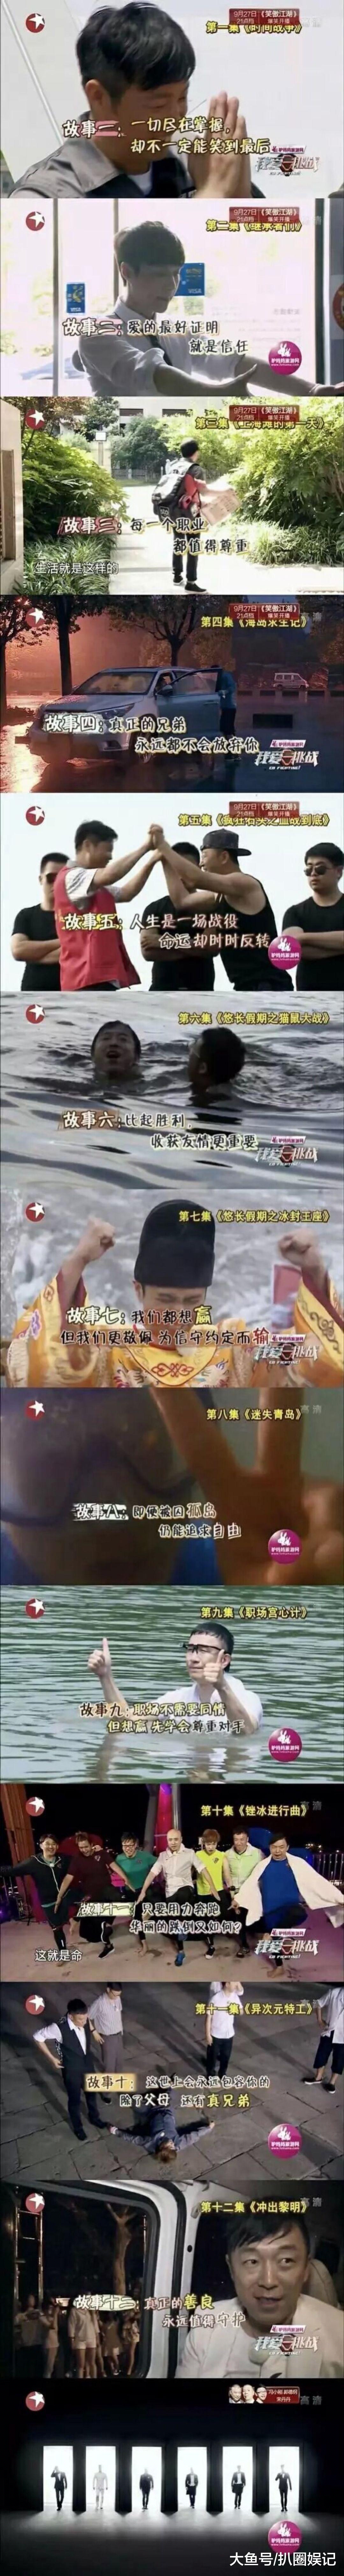 """吴昕现在营销很猛,""""东北赫本""""""""无尾熊CP""""都有吴昕团队在后面推波助澜?"""